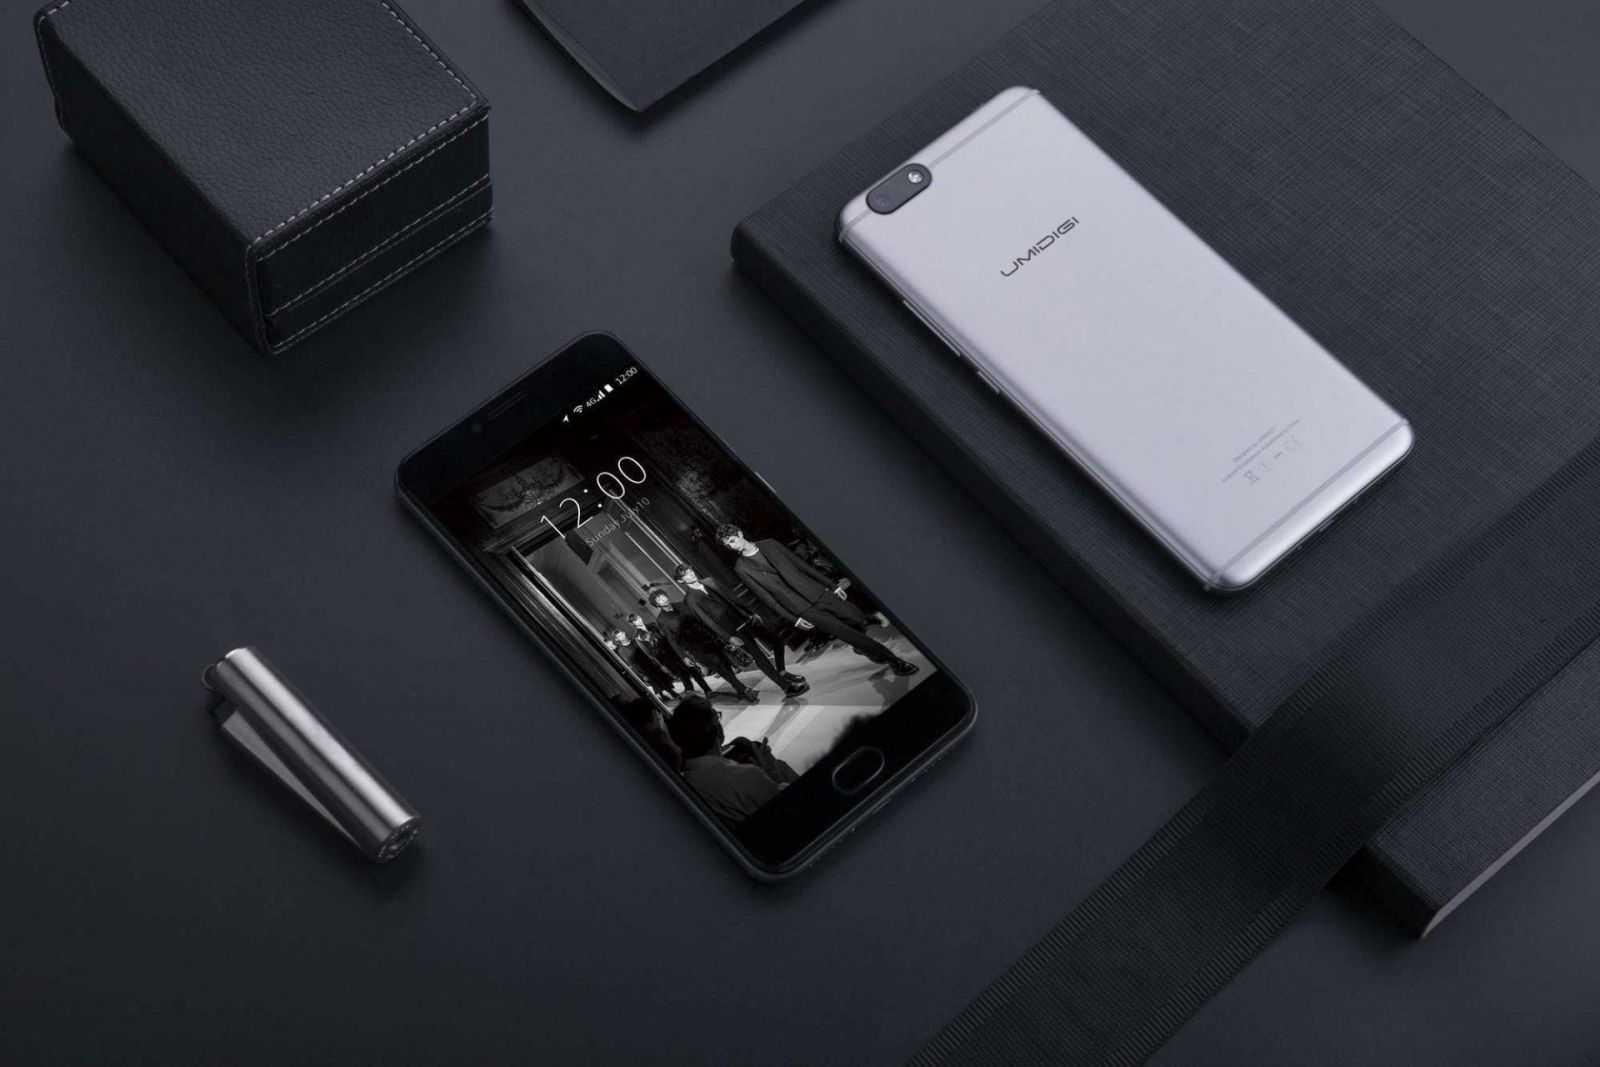 UMIDIGI представила доступный флагманский смартфон С NOTE UMIDIGI представила доступный флагманский смартфон С NOTE